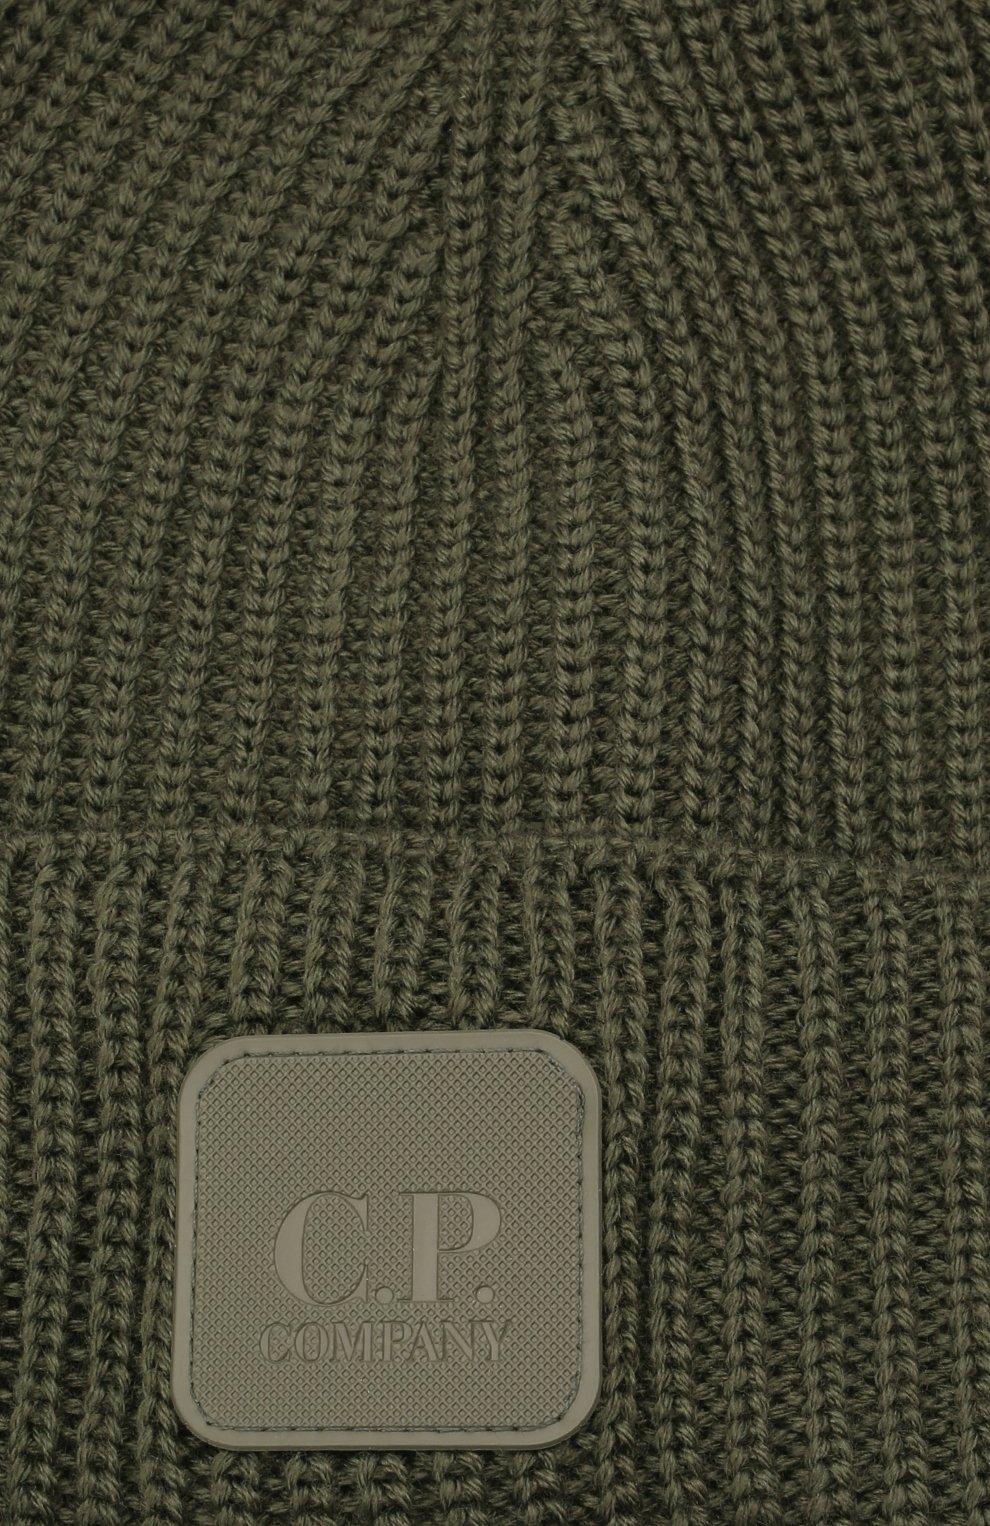 Мужская шерстяная шапка C.P. COMPANY хаки цвета, арт. 11CMAC121A-005509A | Фото 3 (Материал: Шерсть; Кросс-КТ: Трикотаж)